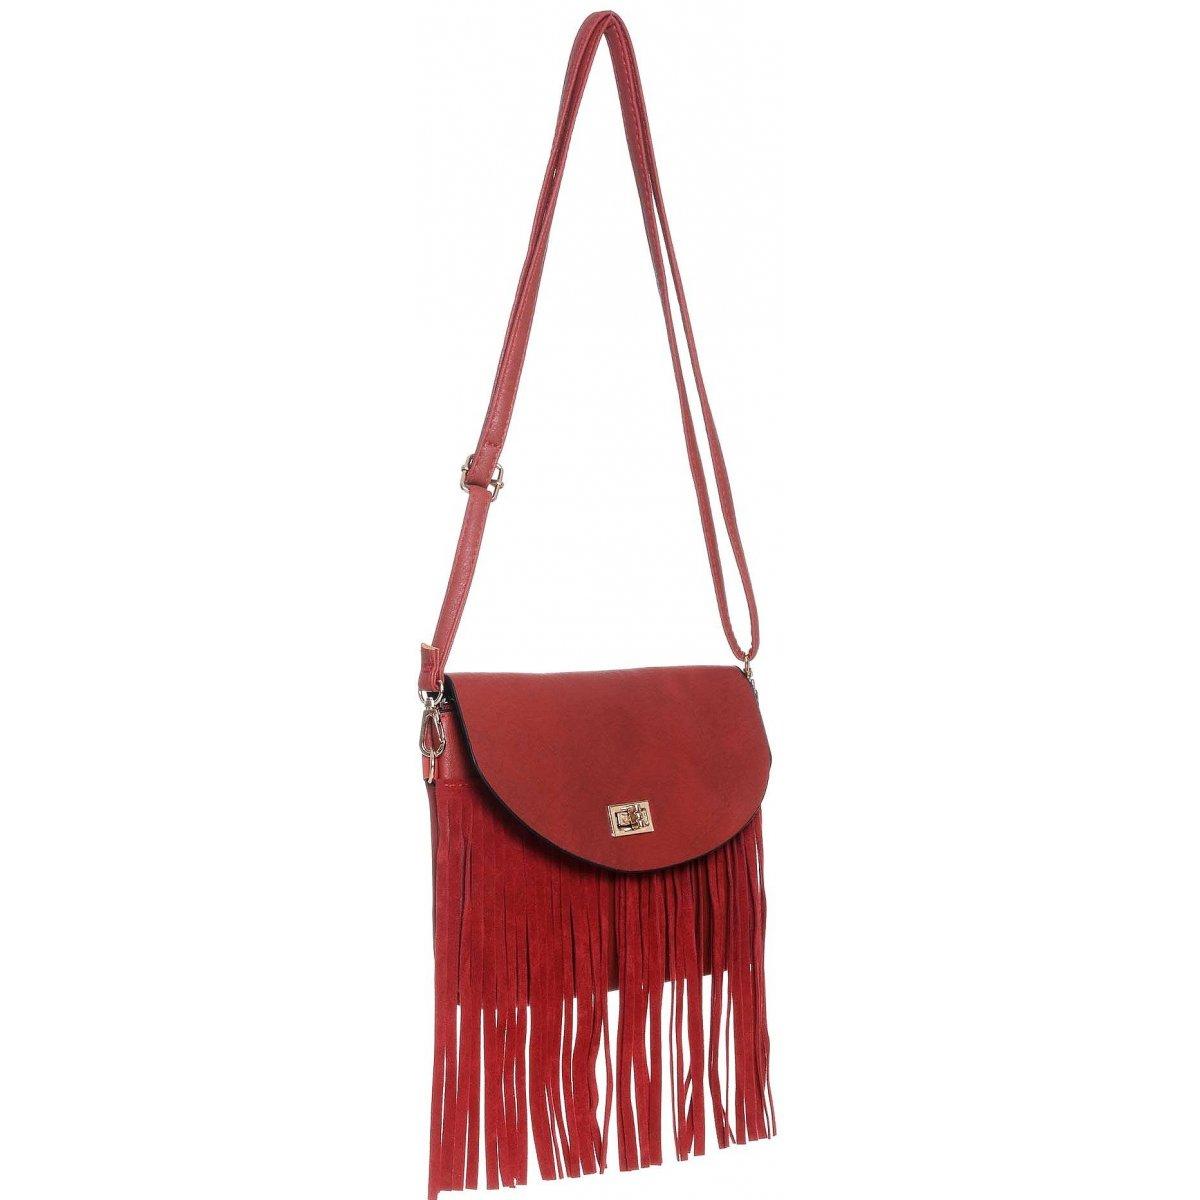 sac pochette bandouli re les sacs de krlot fk161039 couleur principale rouge. Black Bedroom Furniture Sets. Home Design Ideas